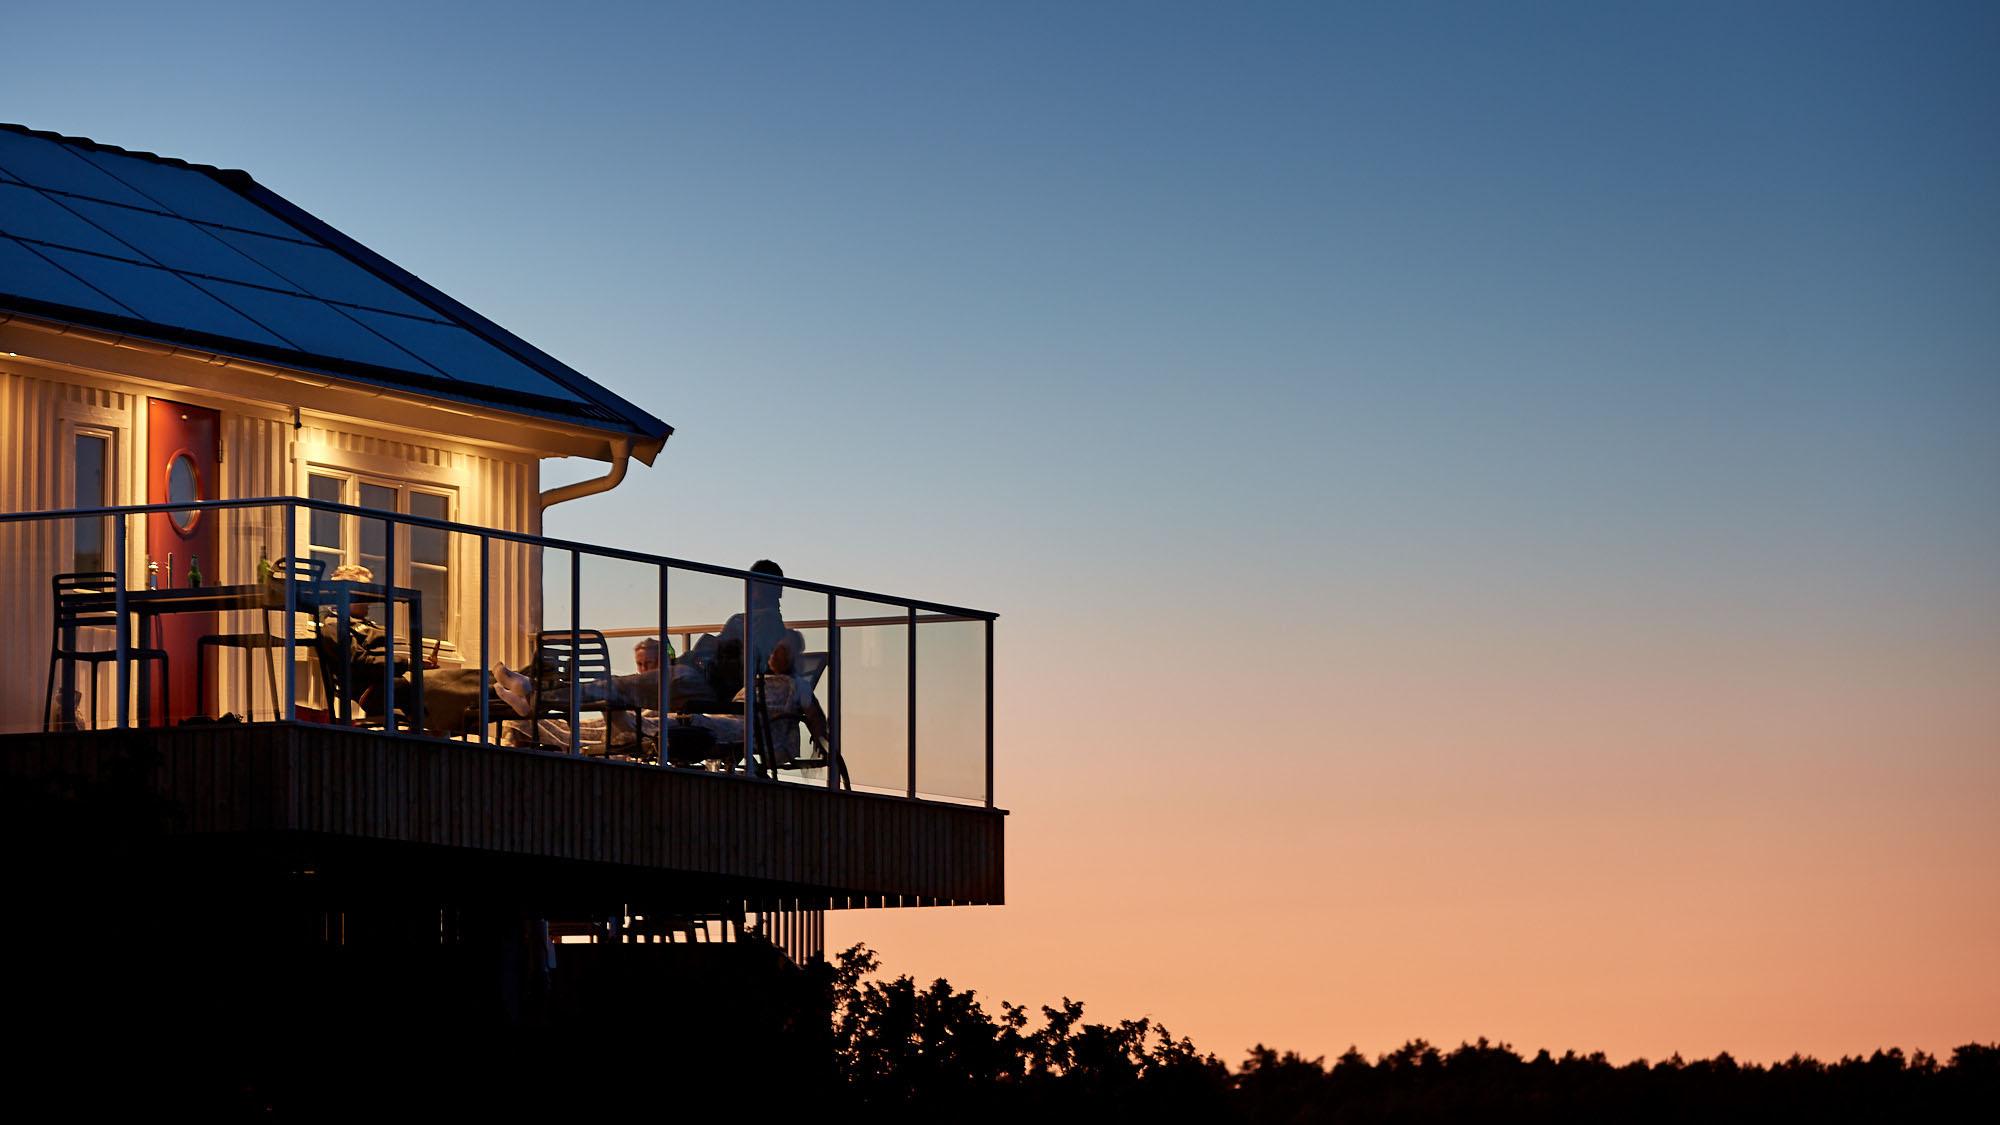 Balkong till en stuga i solnedgången. Idylliskt.